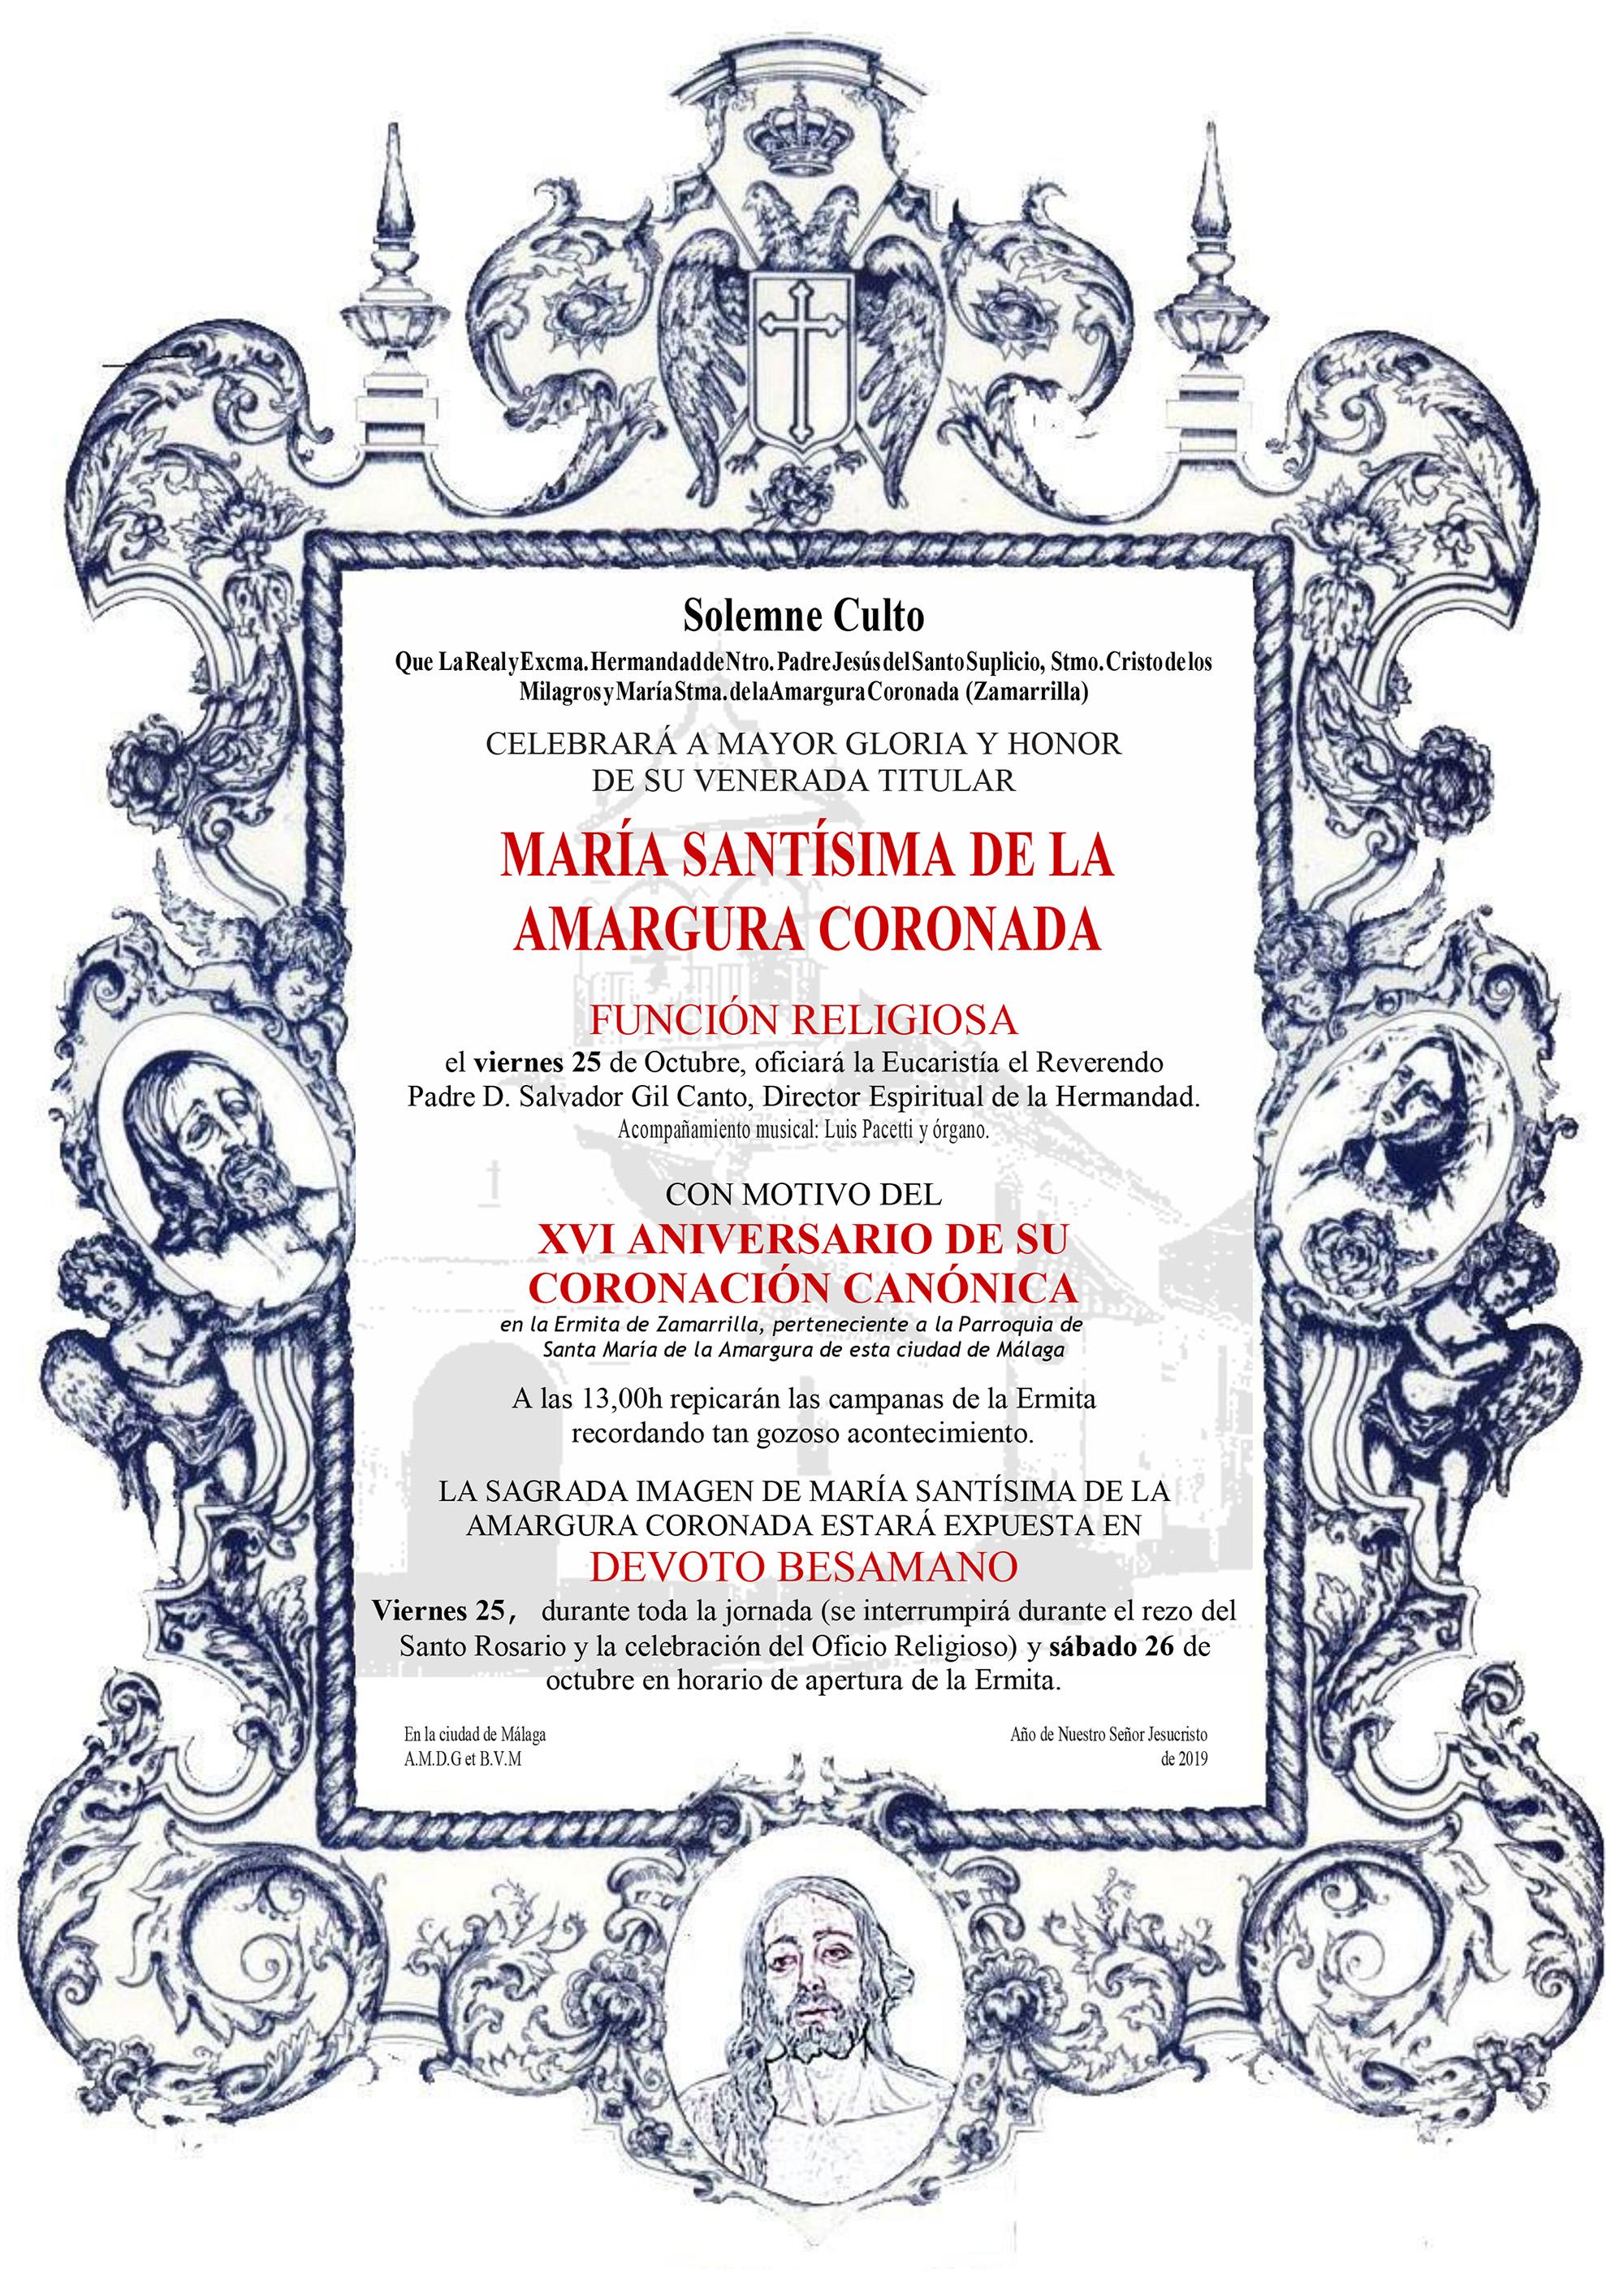 XVI Aniversario de la Coronación Canónica de María Santísima de la Amargura Coronada